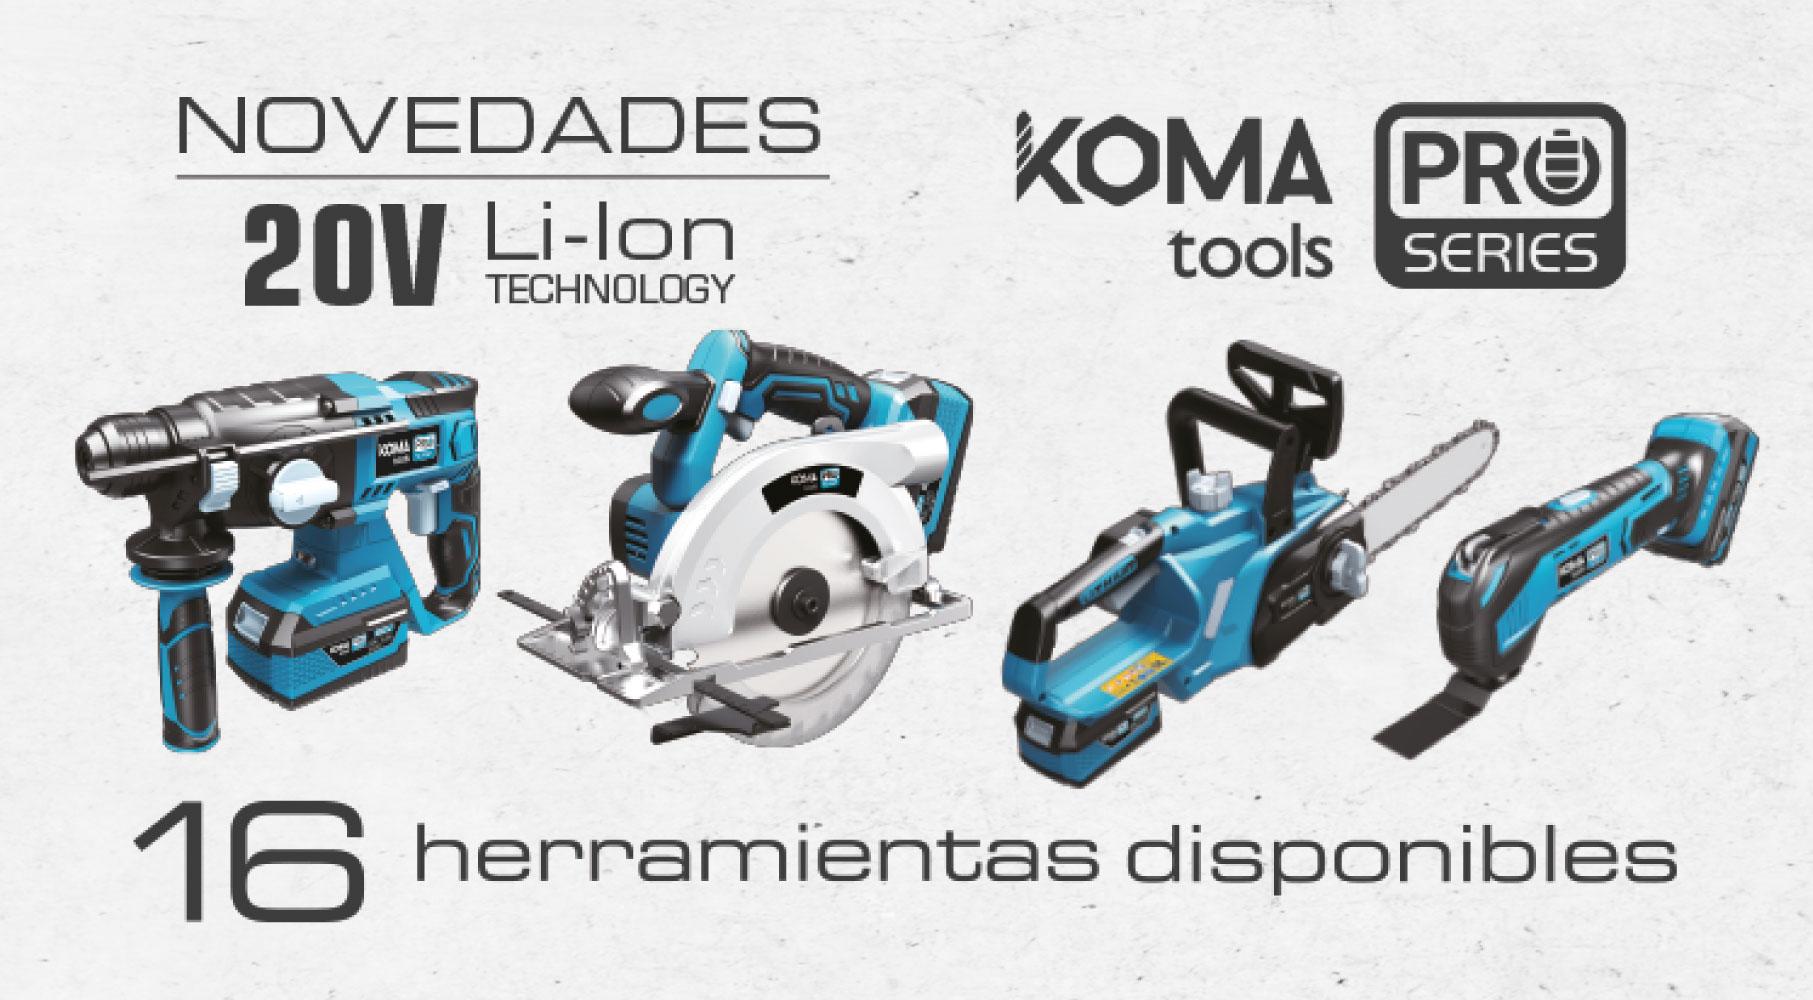 Amplificação da gama de ferramentas profissionais Koma Tools Pro